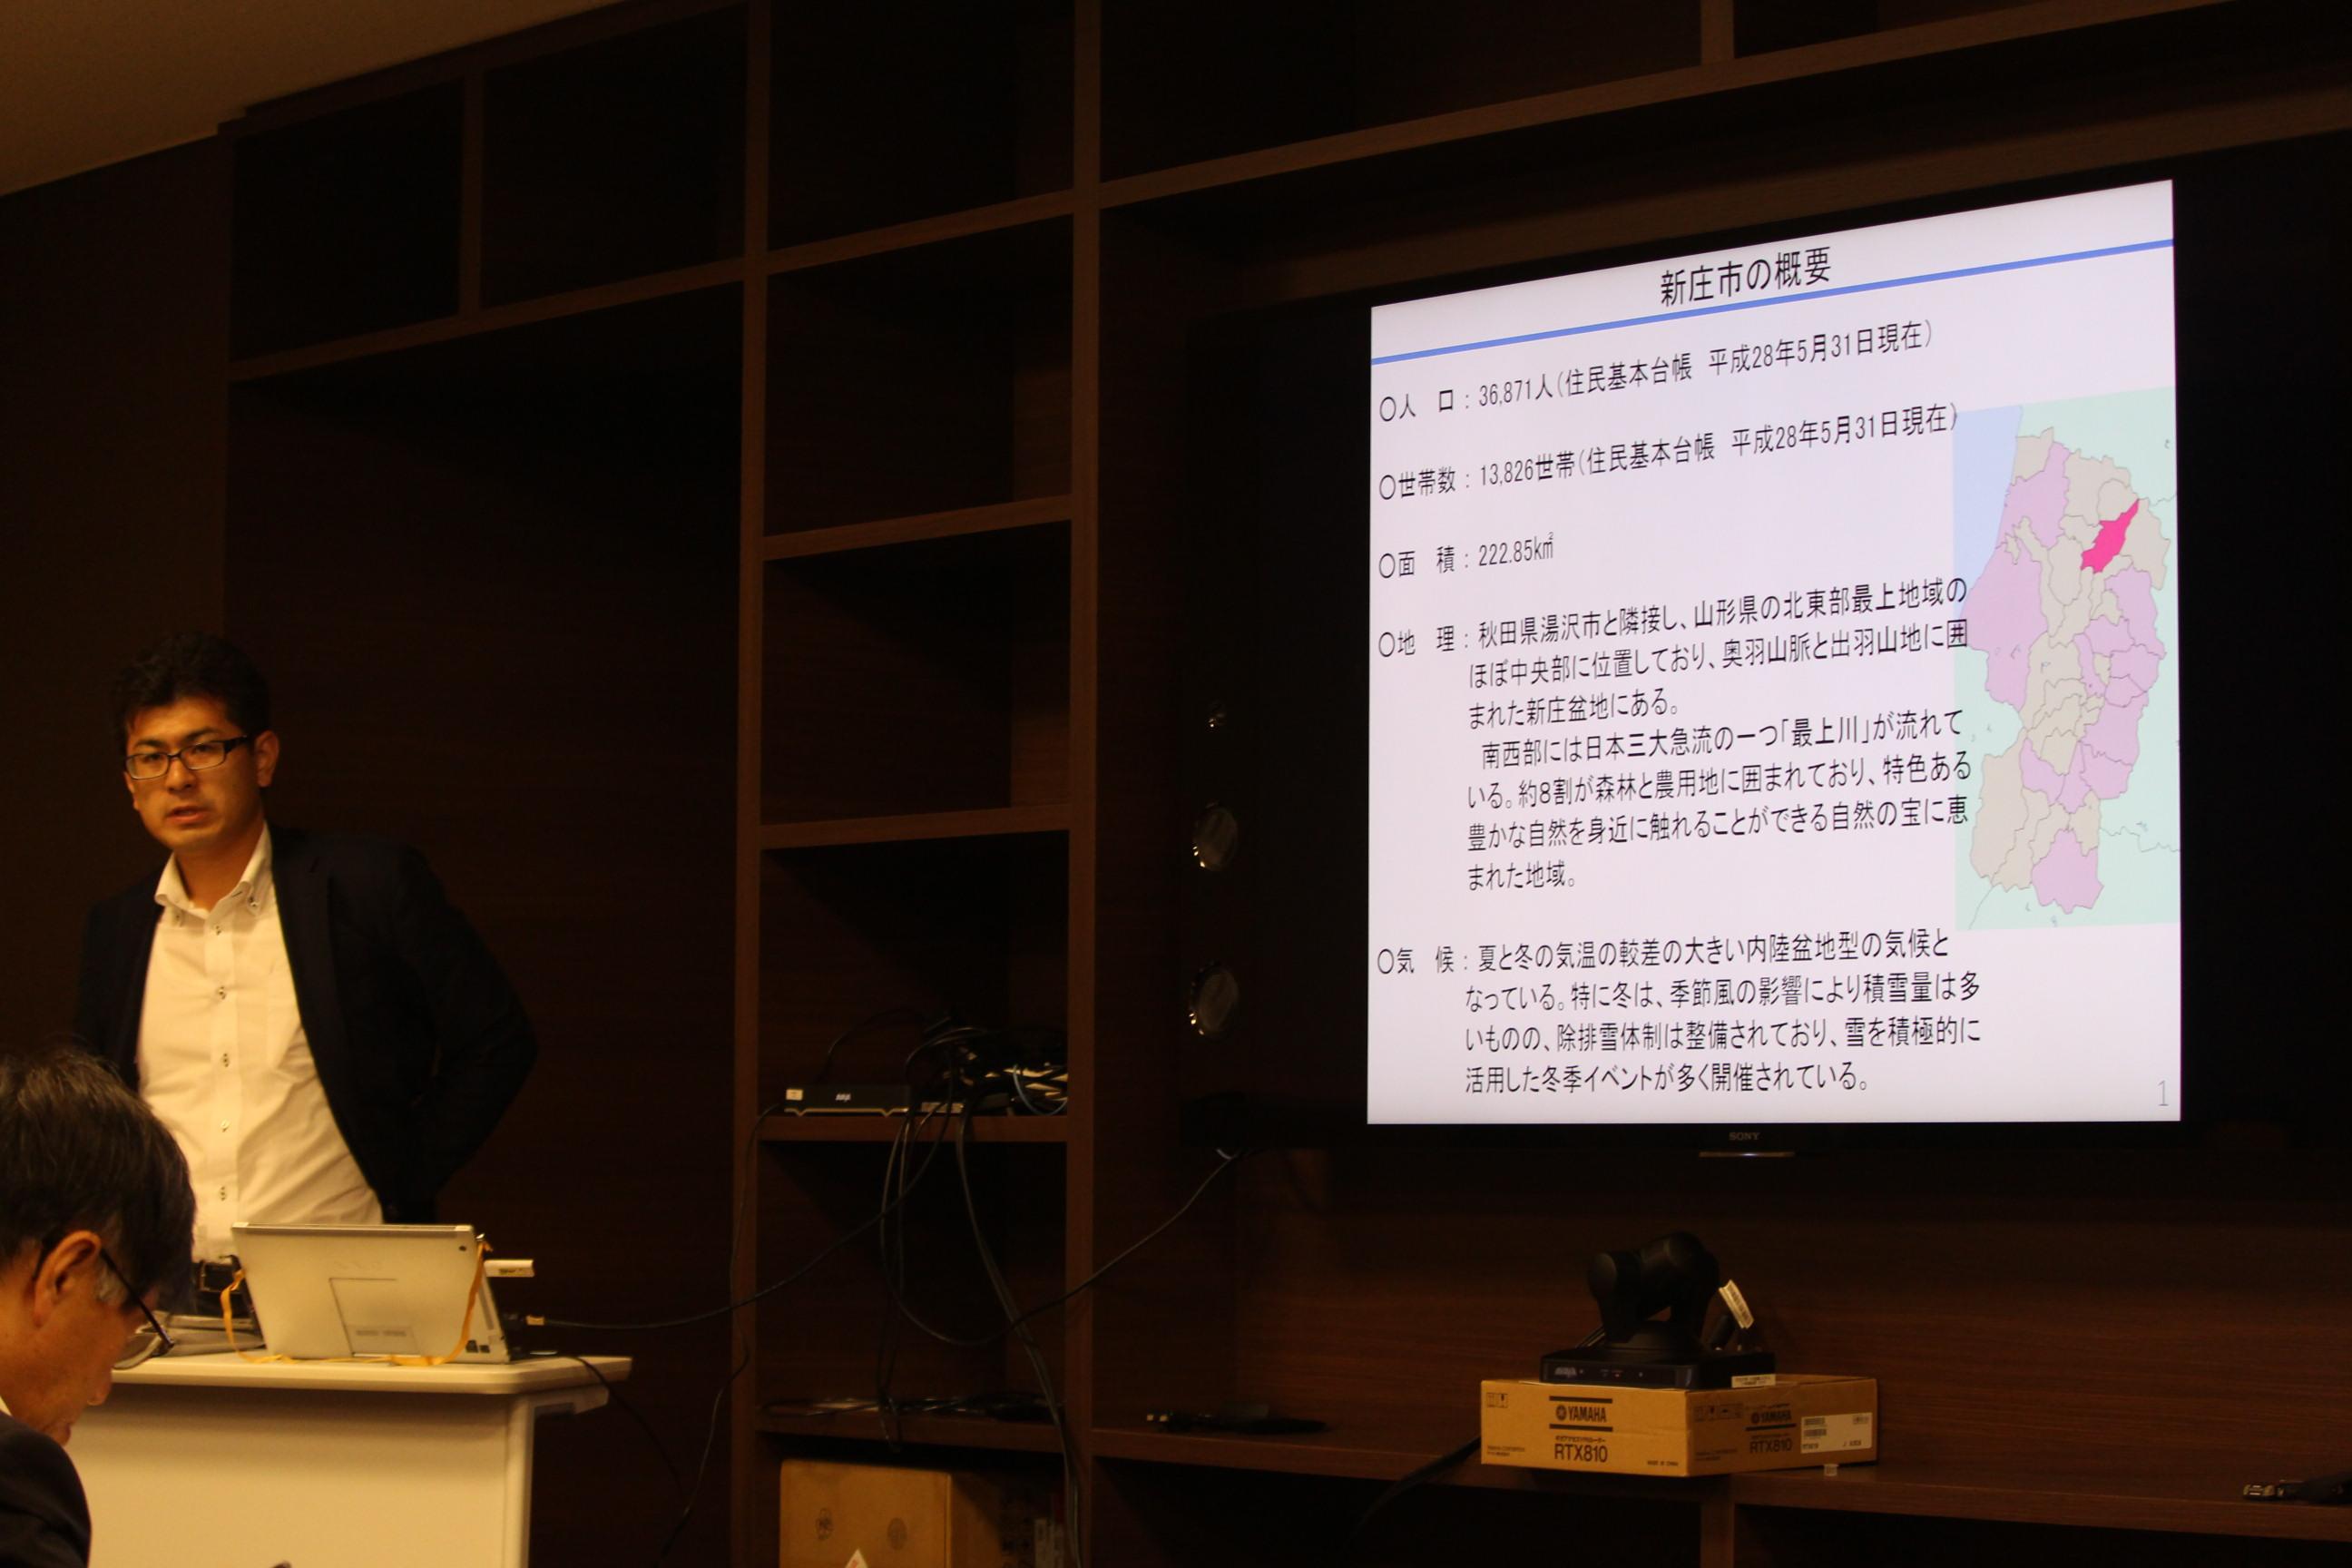 講演中の新庄市総合政策課企画政策室長の鈴木則勝氏